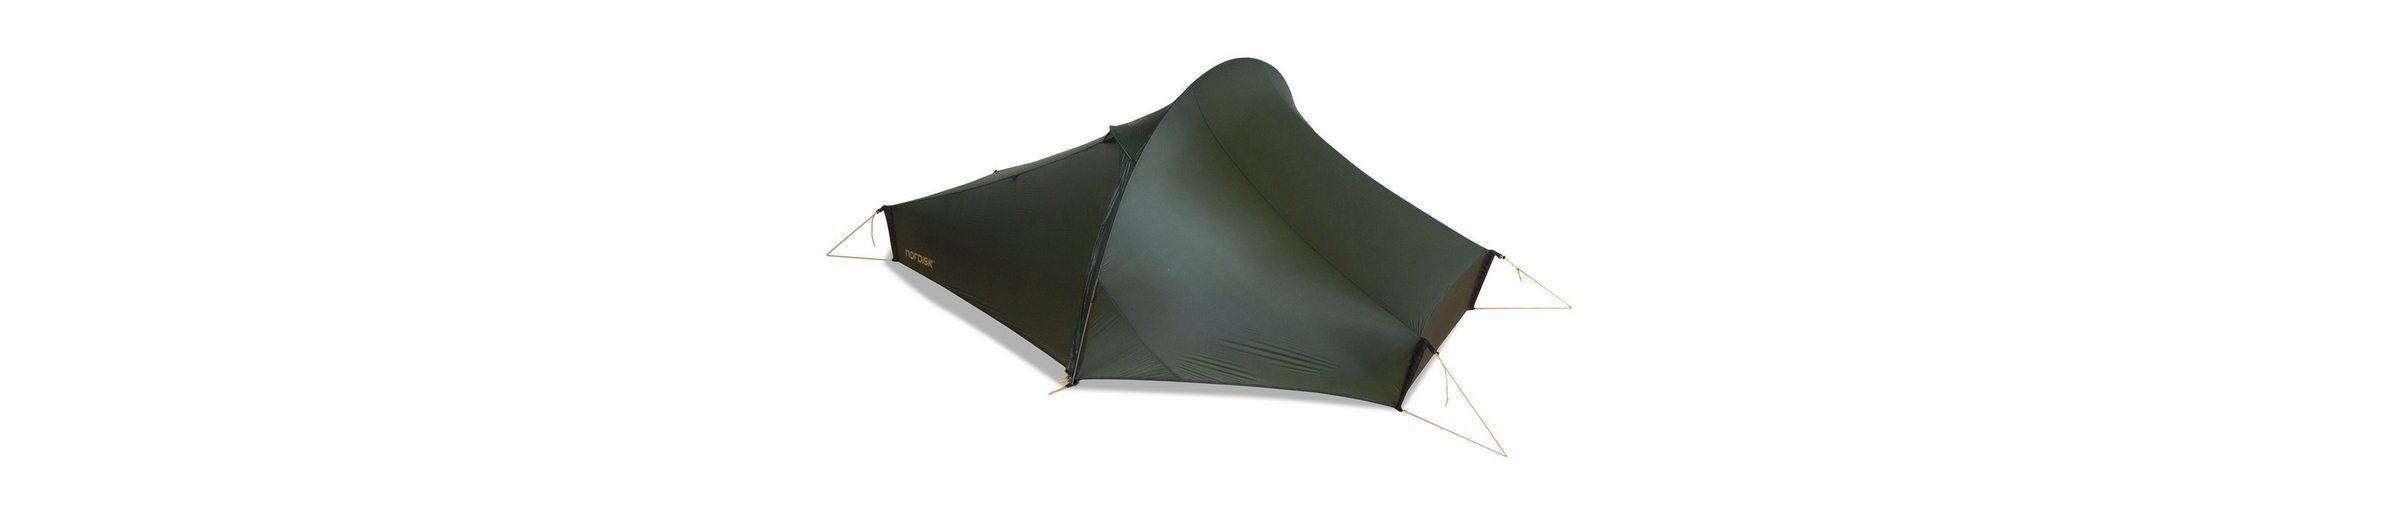 Nordisk Zelt »Telemark 2 Ultra Light Weight Tent«